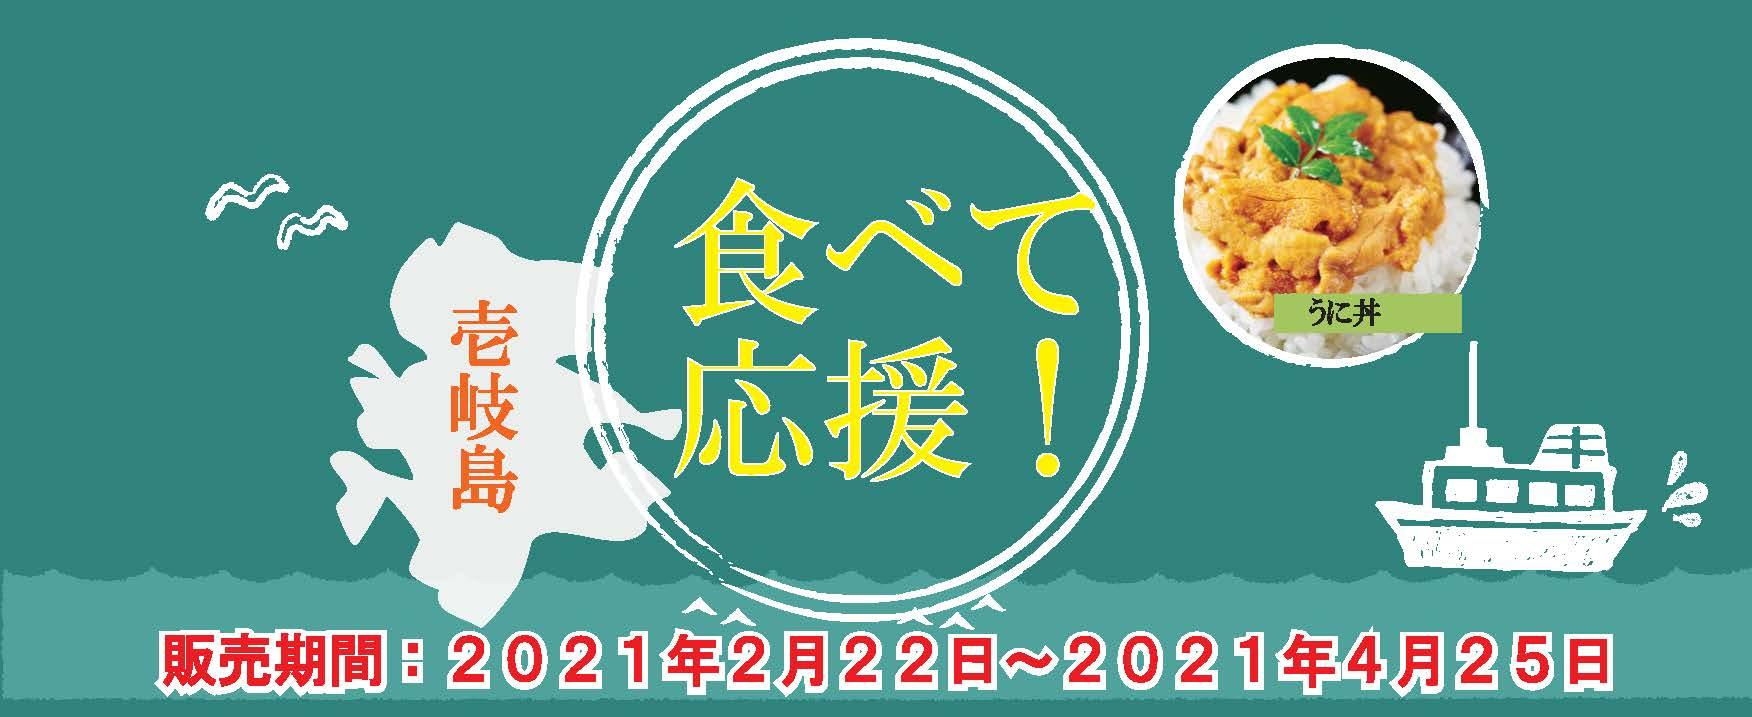 食べて応援!「壱岐産うに&お土産品福袋」を販売!!-1